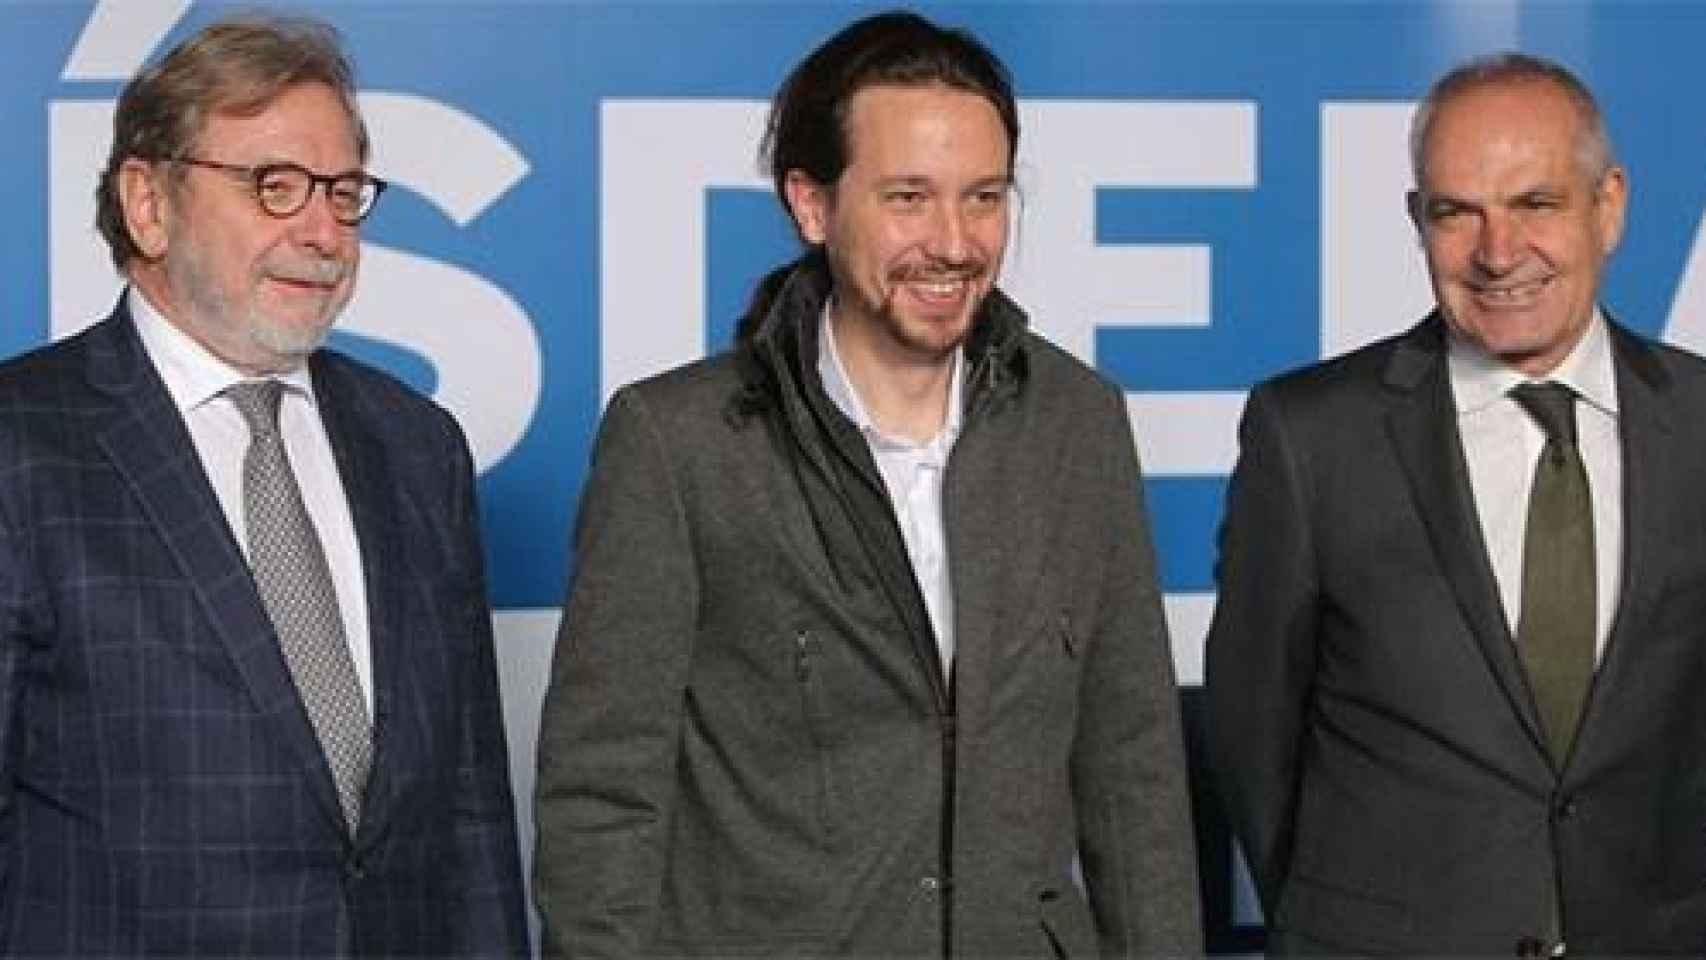 Juan Luis Cebrián (presidente ejecutivo de Prisa), Pablo Iglesias (Podemos) y Antonio Caño, director de El País.